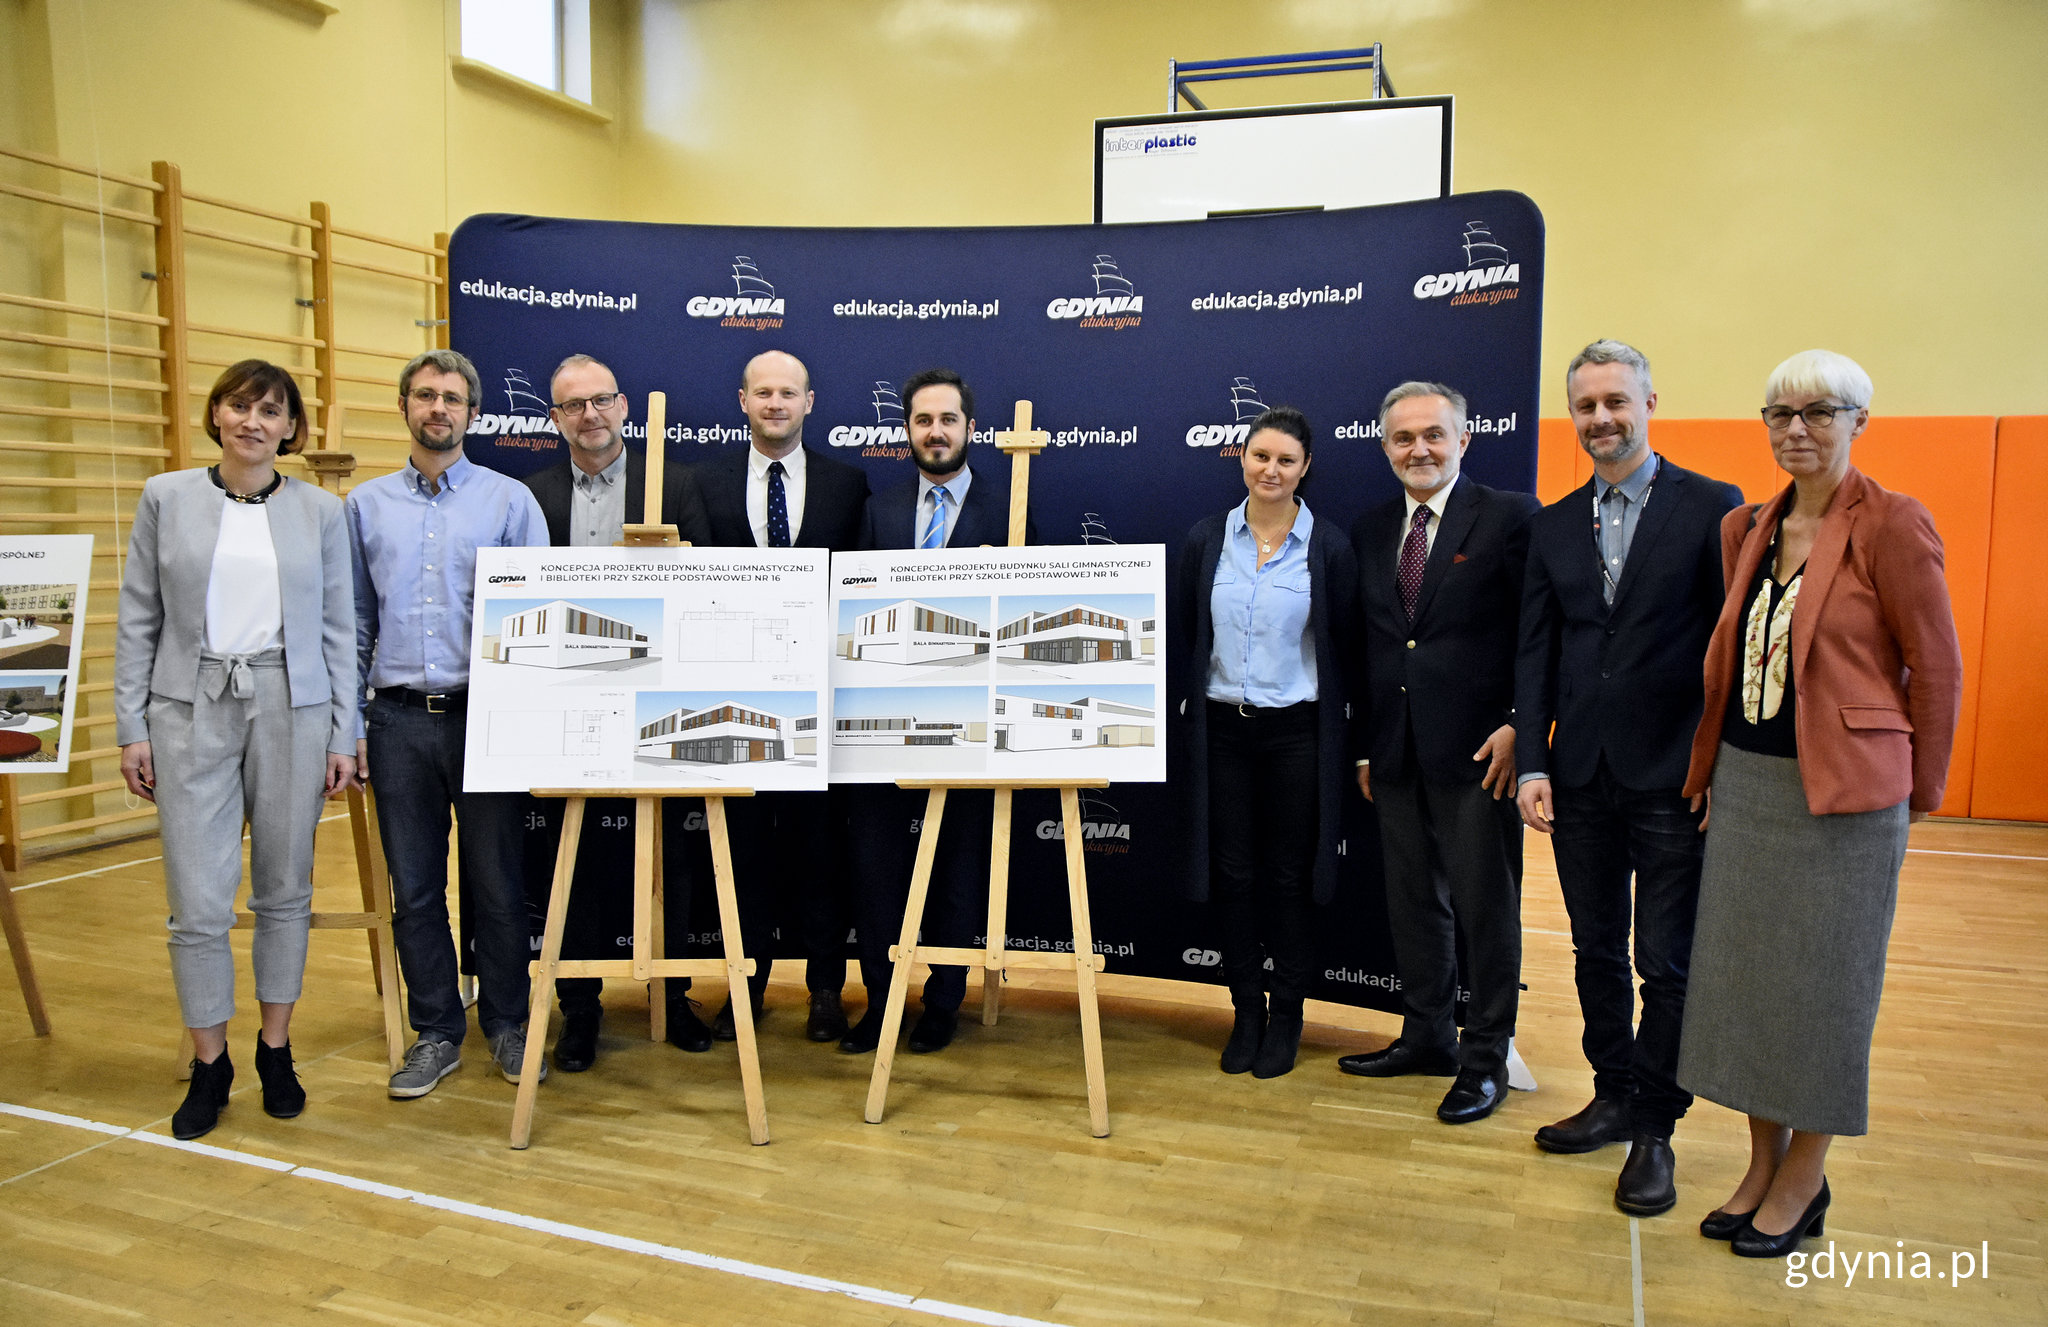 Przedstawiciele władz miasta, szkoły i Rady Dzielnicy z wizualizacjami przyszłej hali sportowej, fot. Kamil Złoch